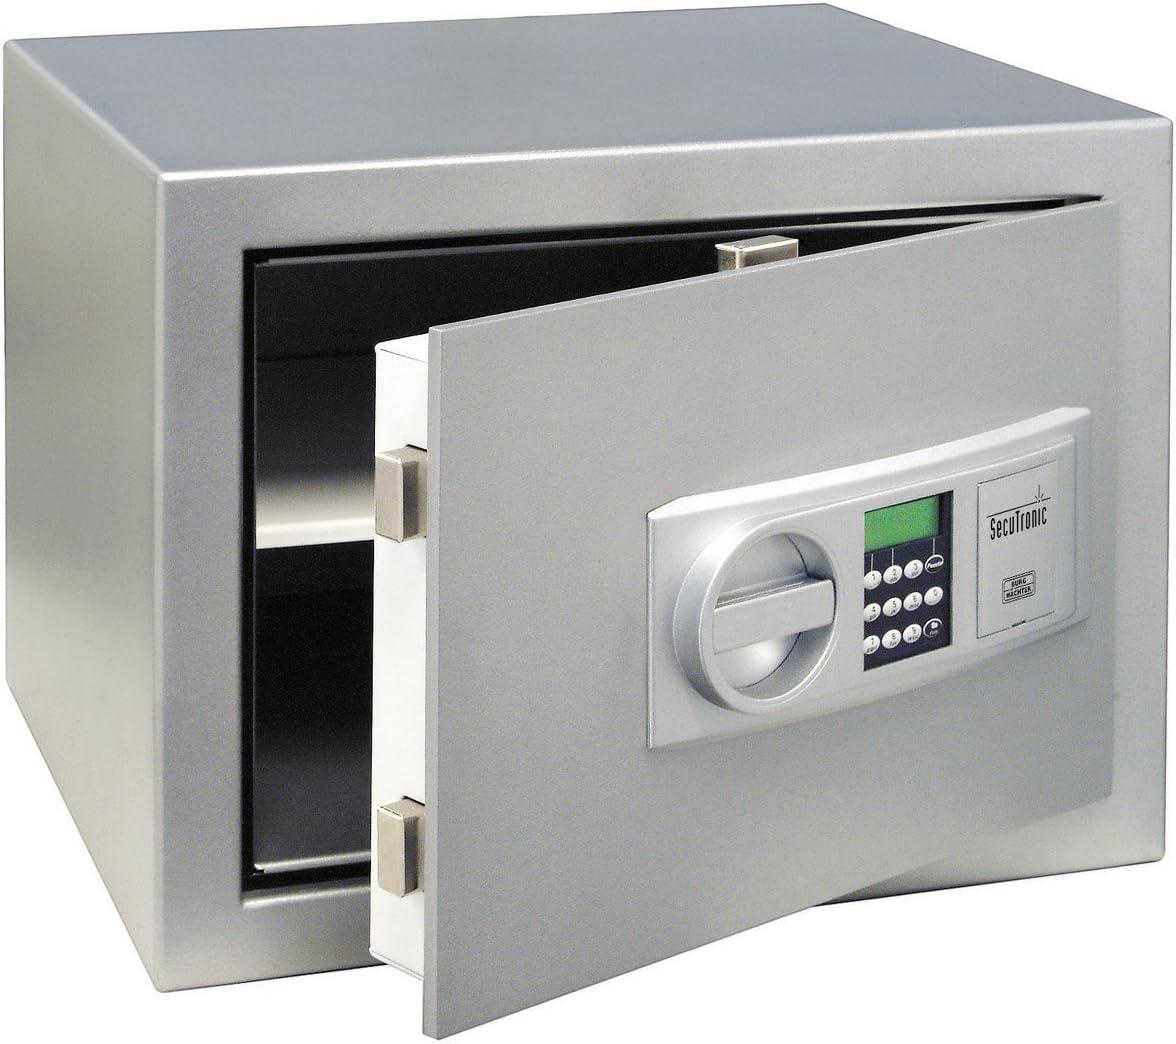 Burg-Wächter Karat MT 24 N E Caja fuerte para muebles, cerradura combinación electrónica , Nivel N: Amazon.es: Bricolaje y herramientas